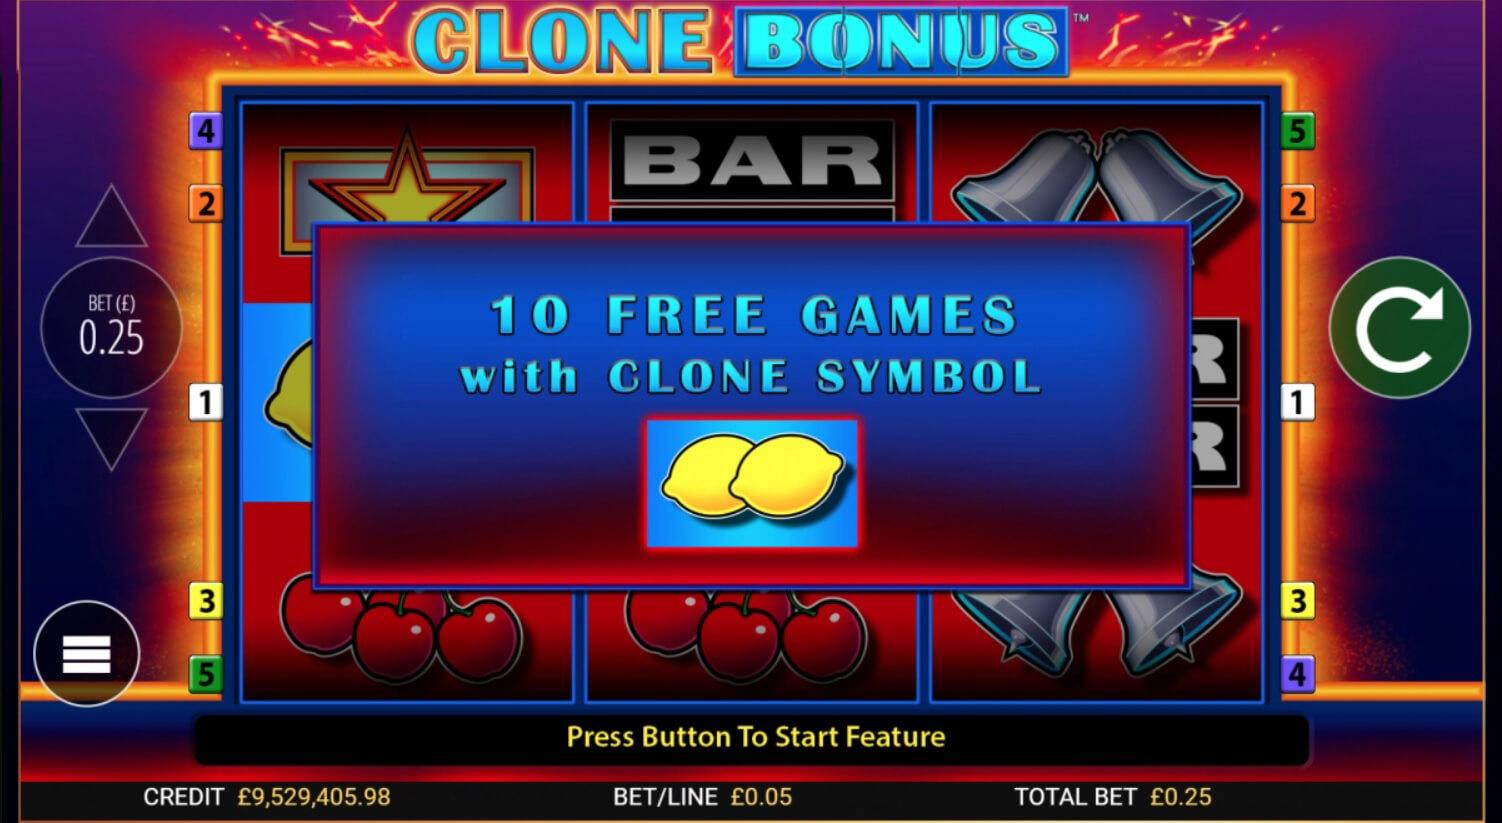 Online Casino Clone Bonus